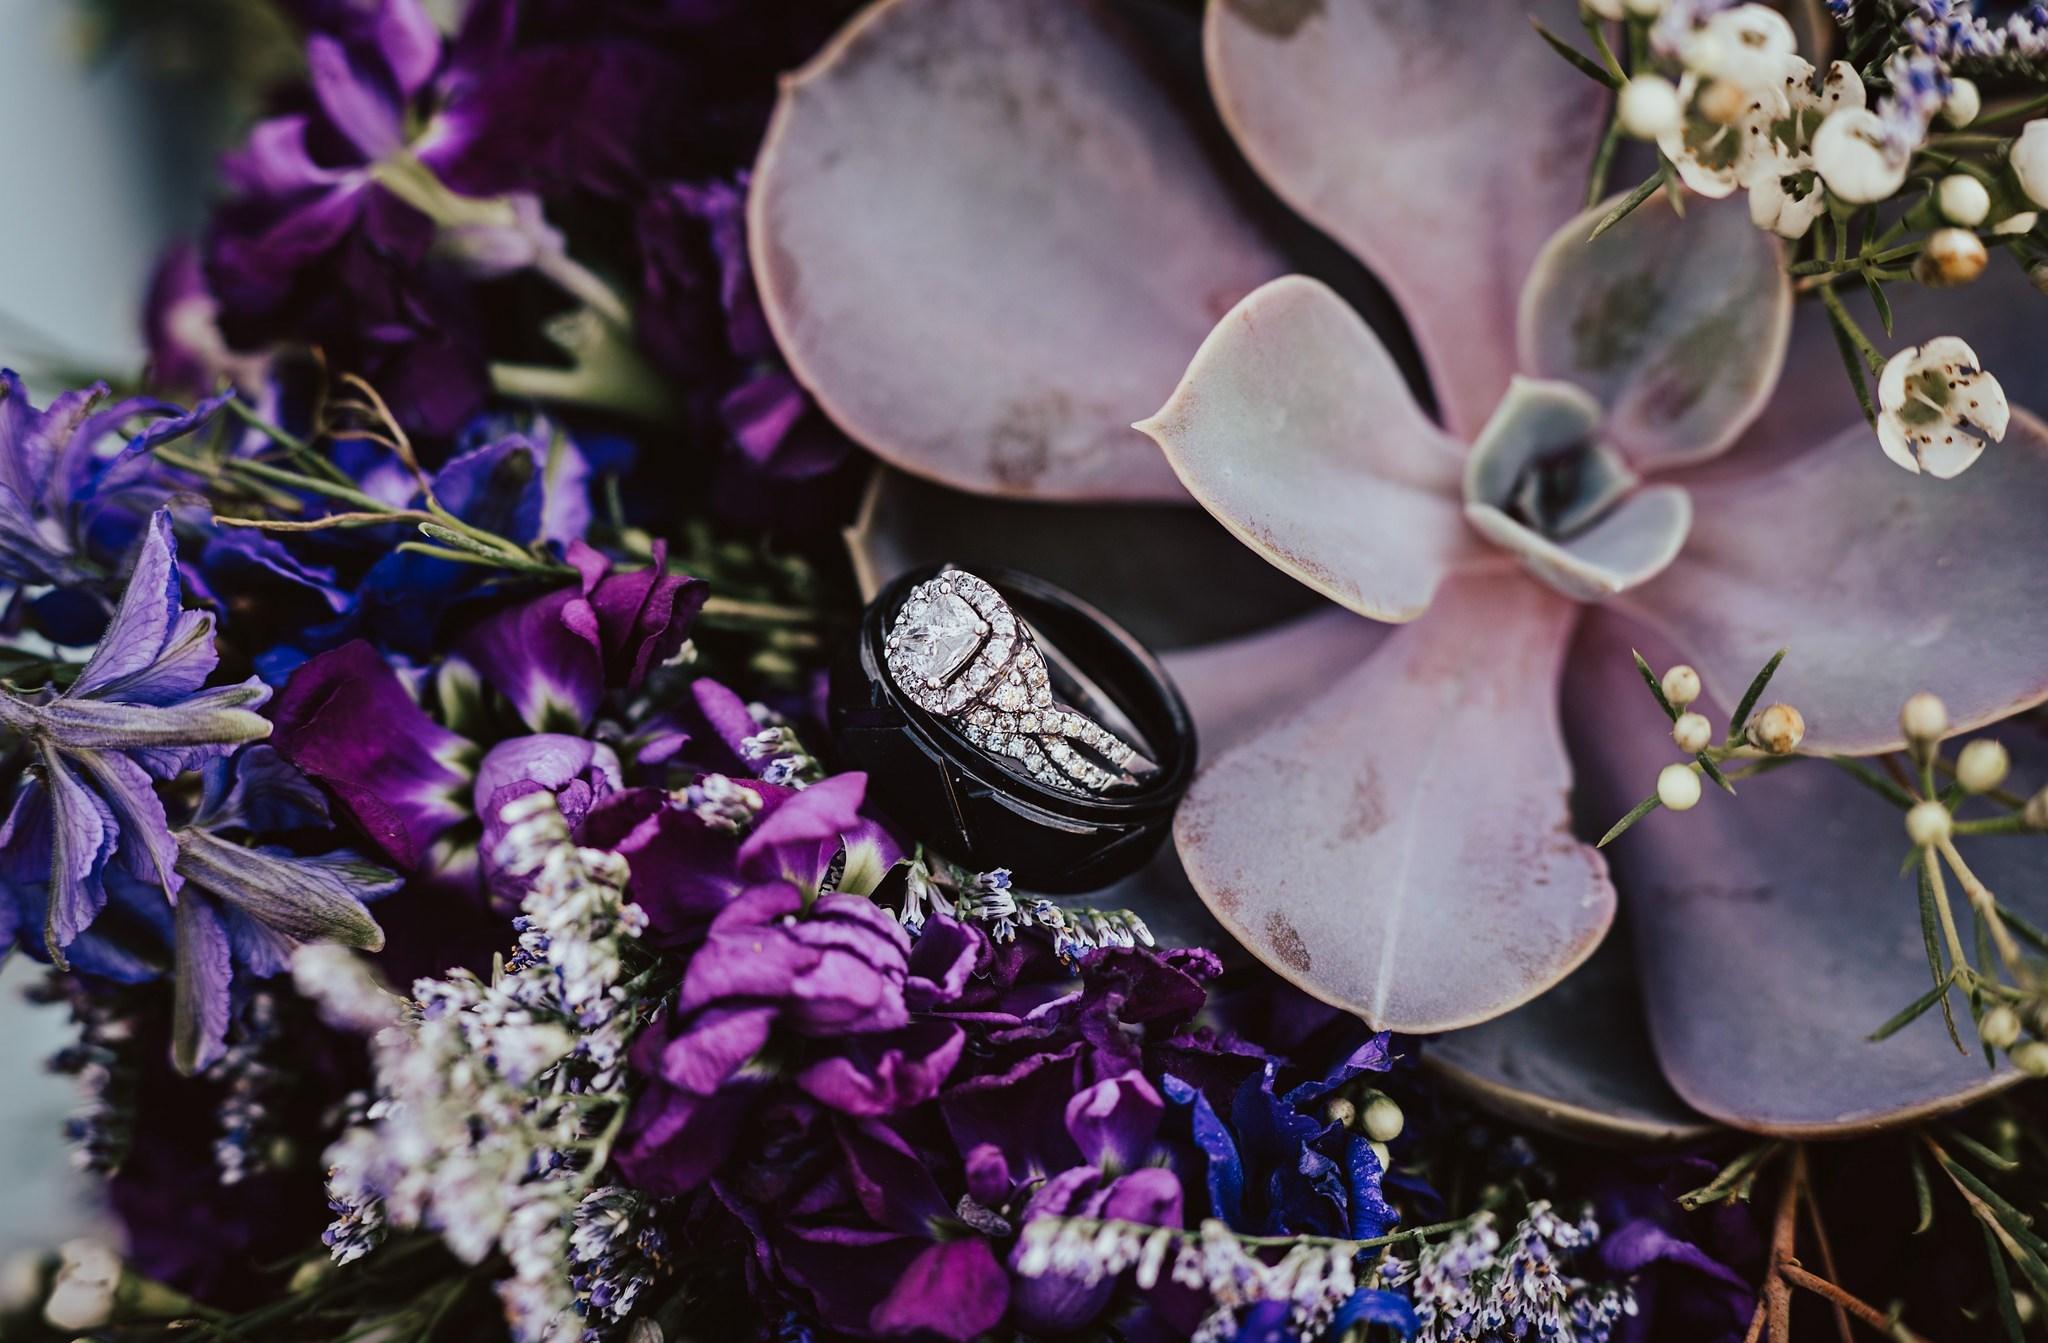 Днем, картинки с драгоценностями и цветами